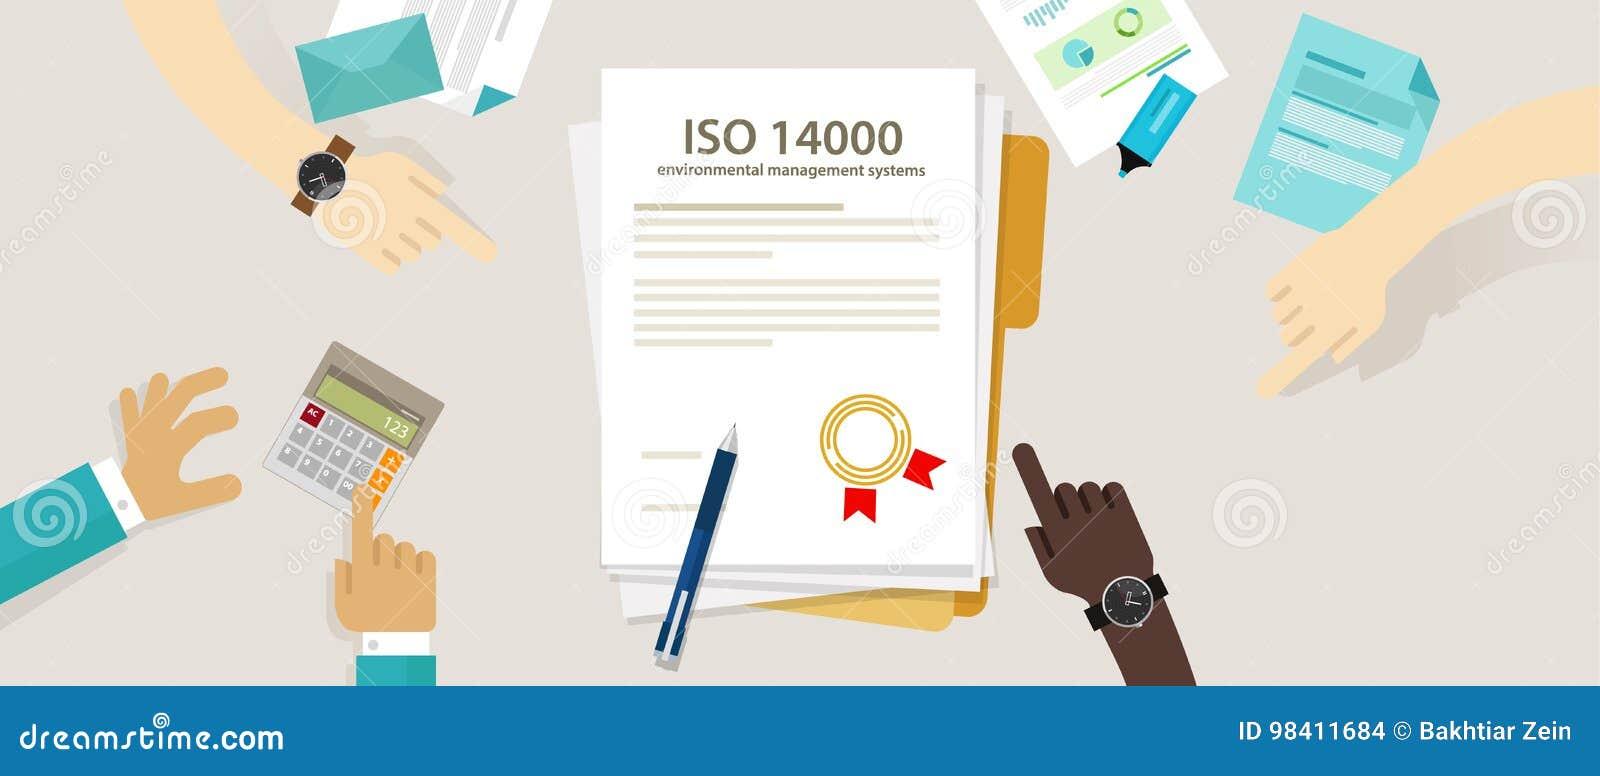 Managementumweltnorm-Geschäftsbefolgung ISO 14000 zum Rechnungsprüfungs-Kontrolldokument der internationalen Organisation Hand